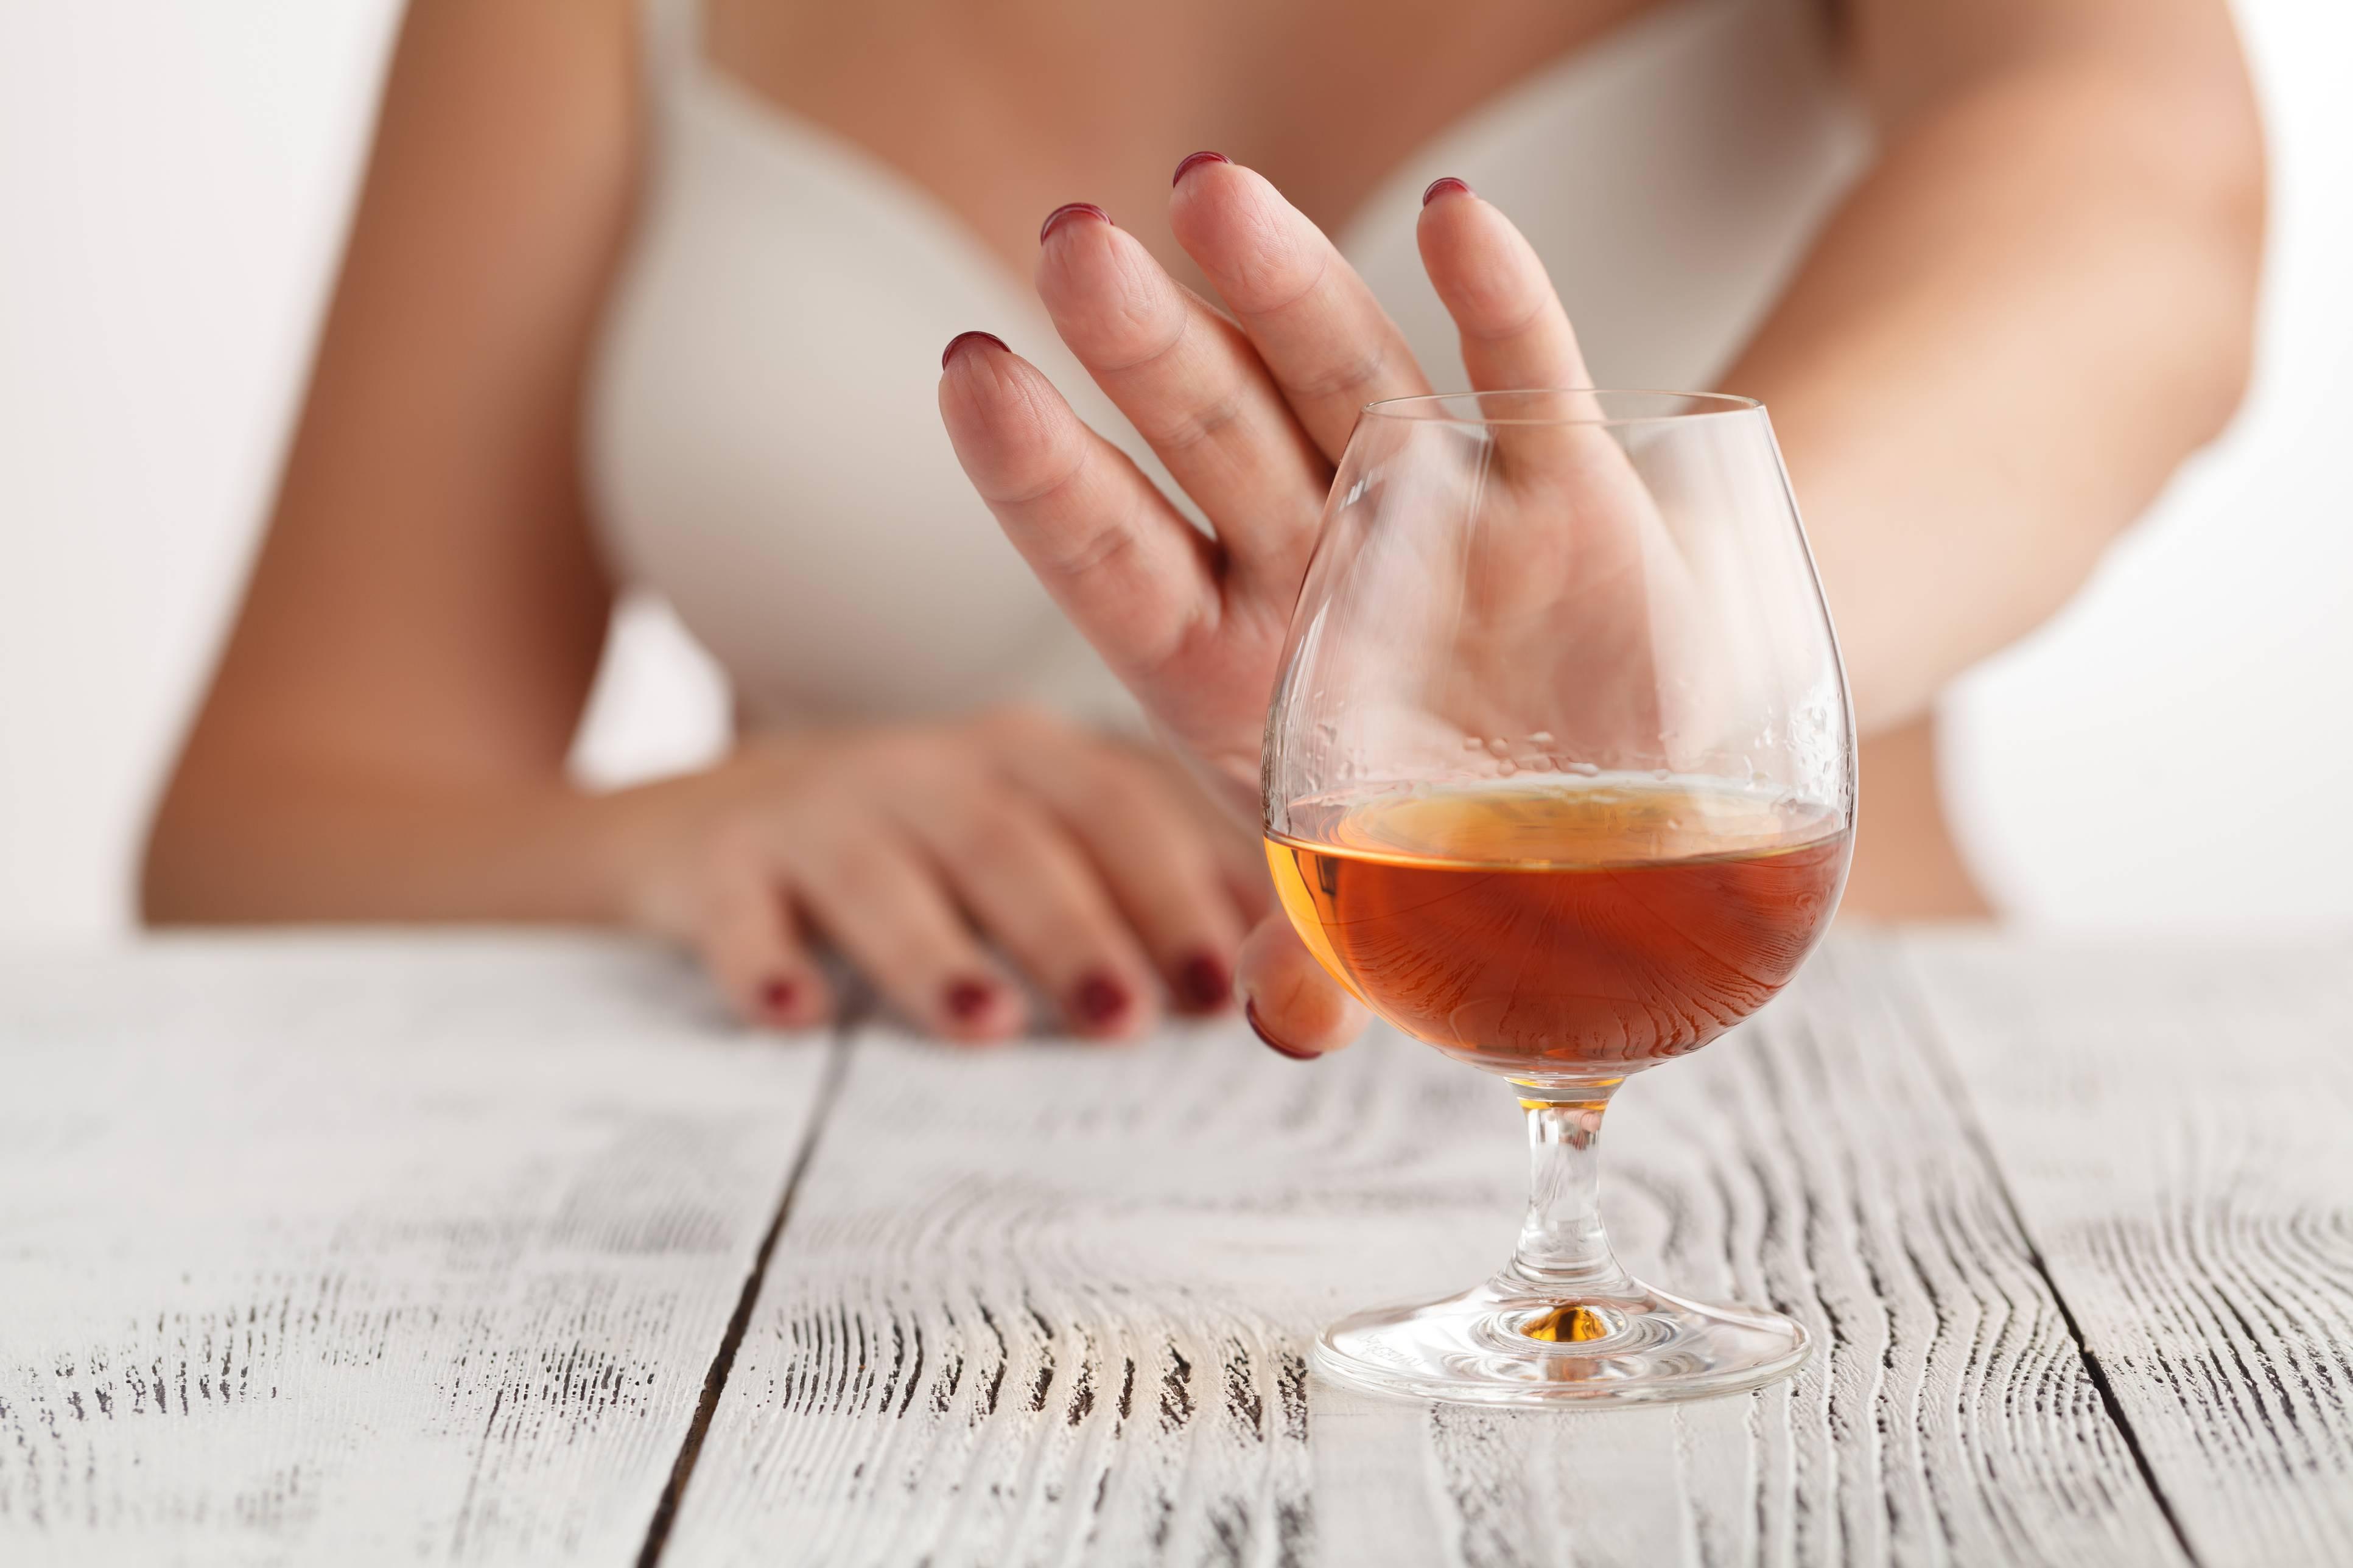 6 способов, как расслабиться без алкоголя